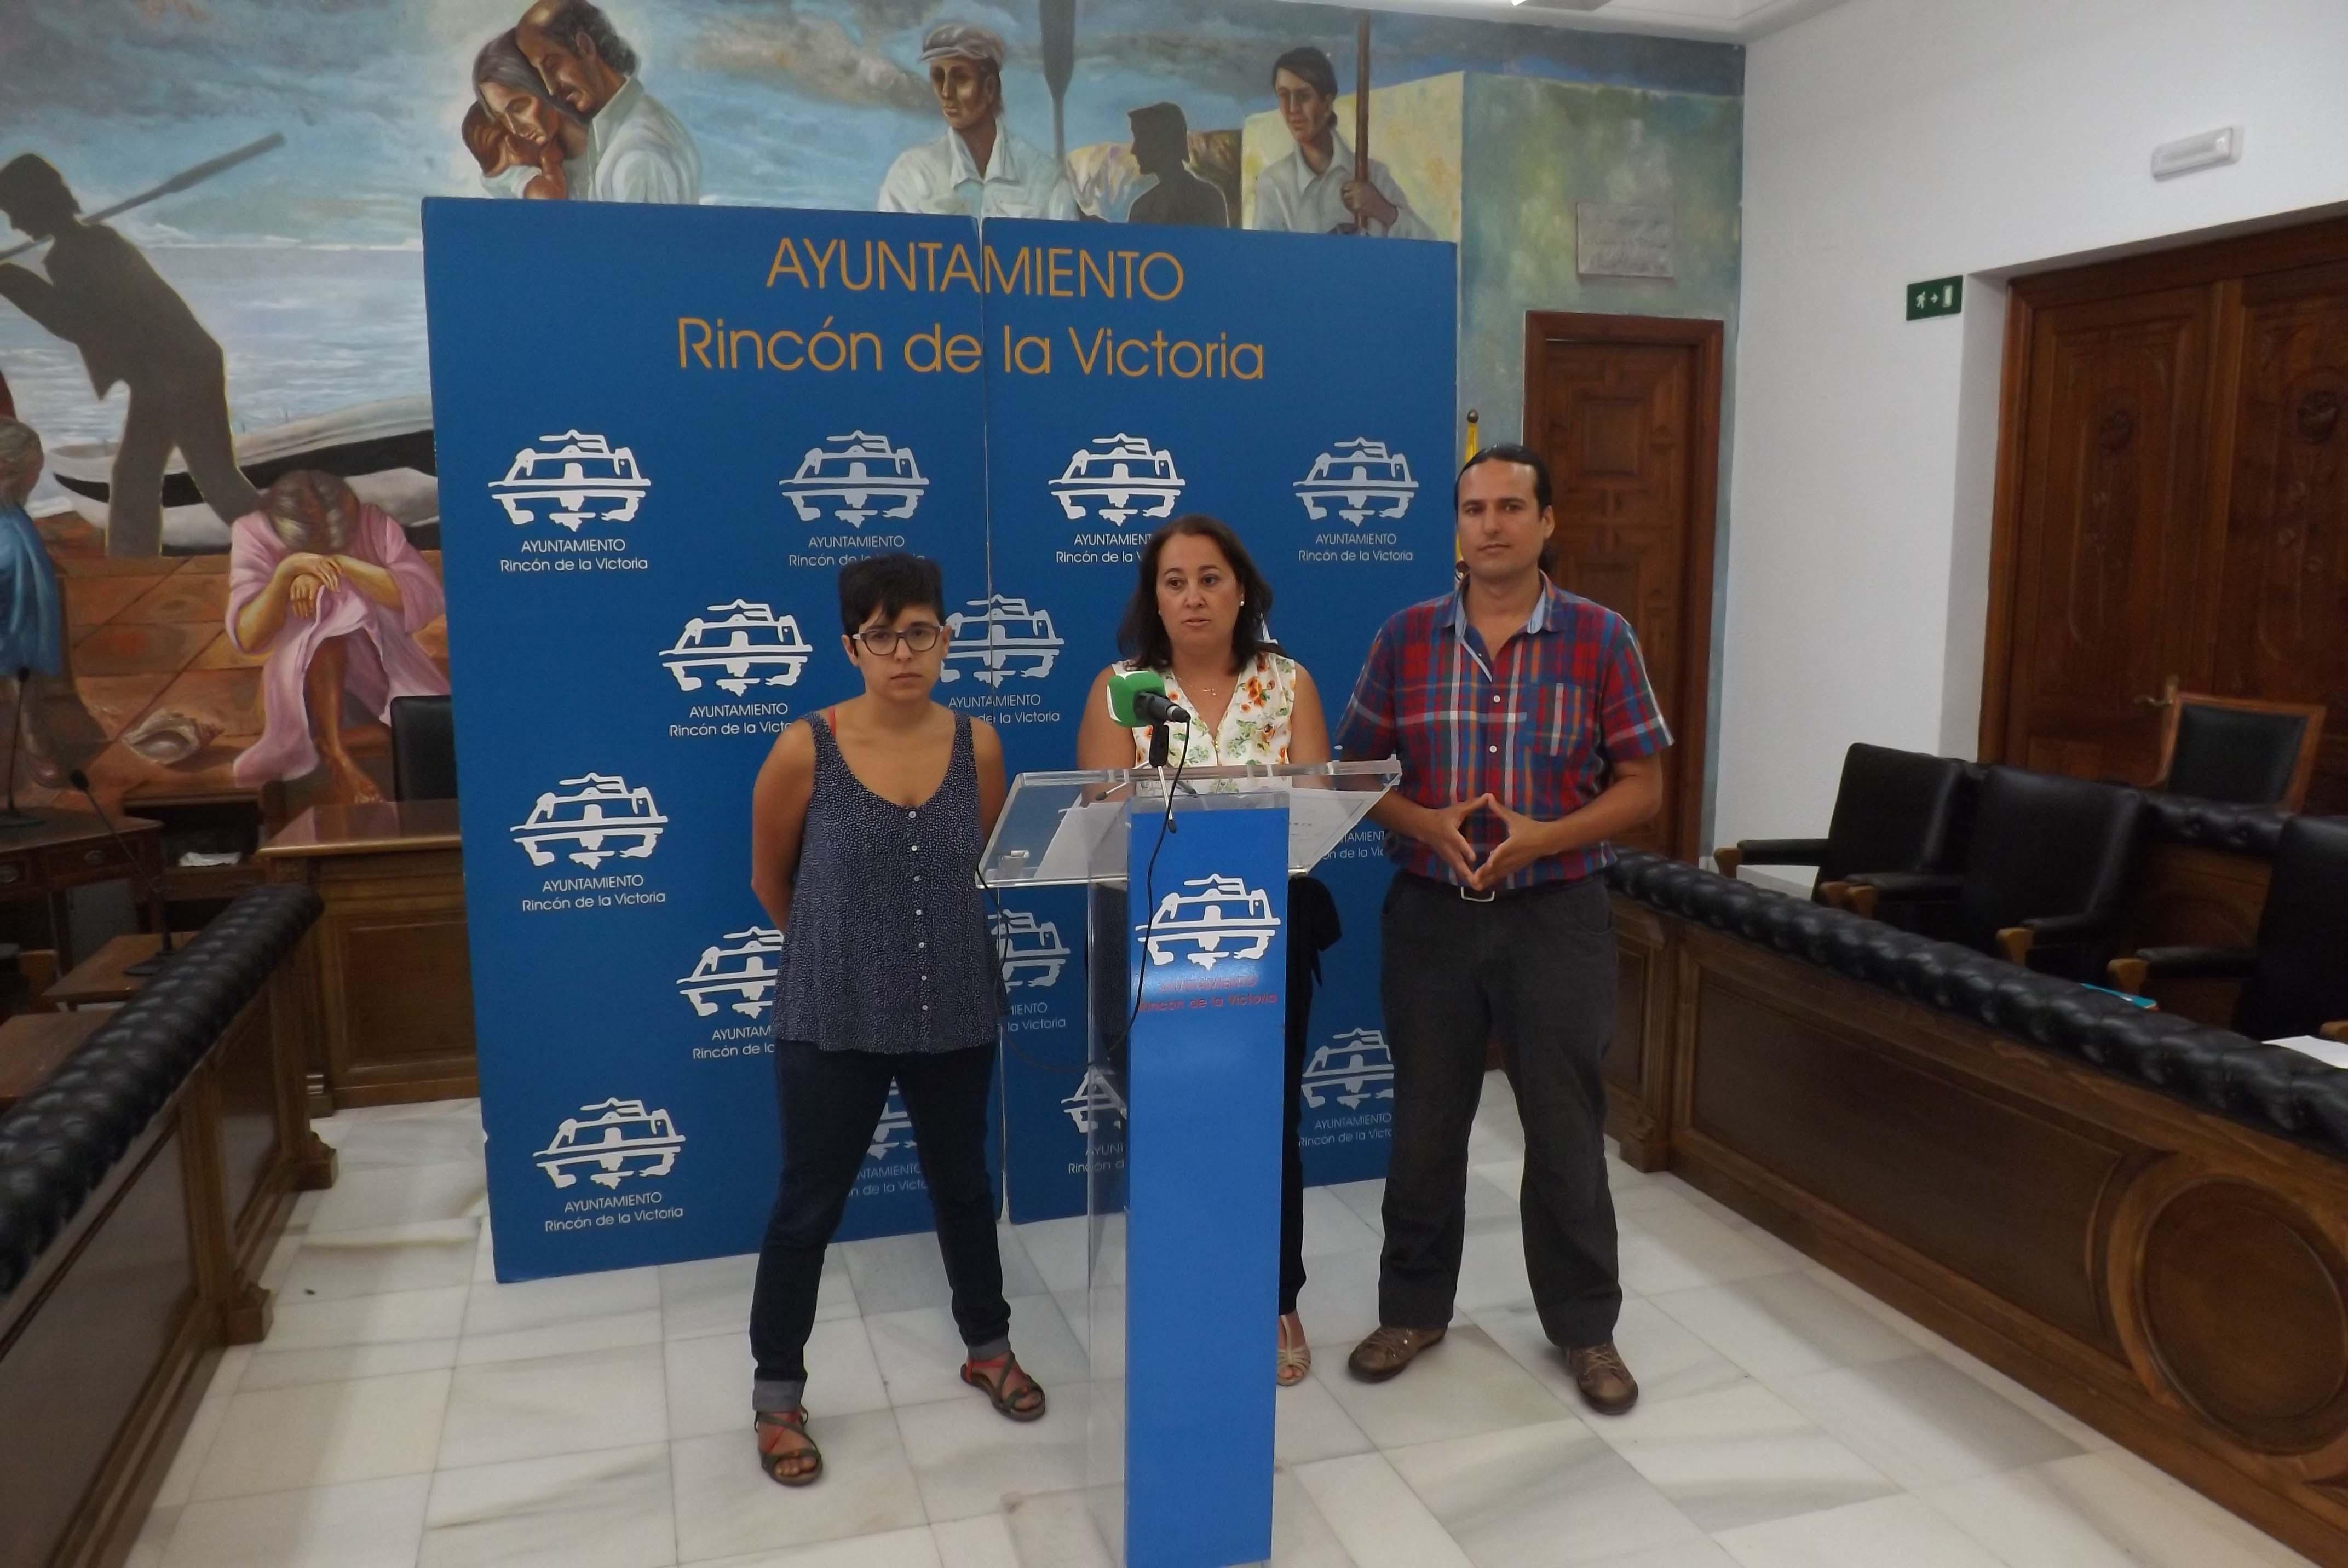 El equipo de Gobierno cumple su compromiso y hace públicas las cuentas de las ferias de La Cala del Moral y Rincón